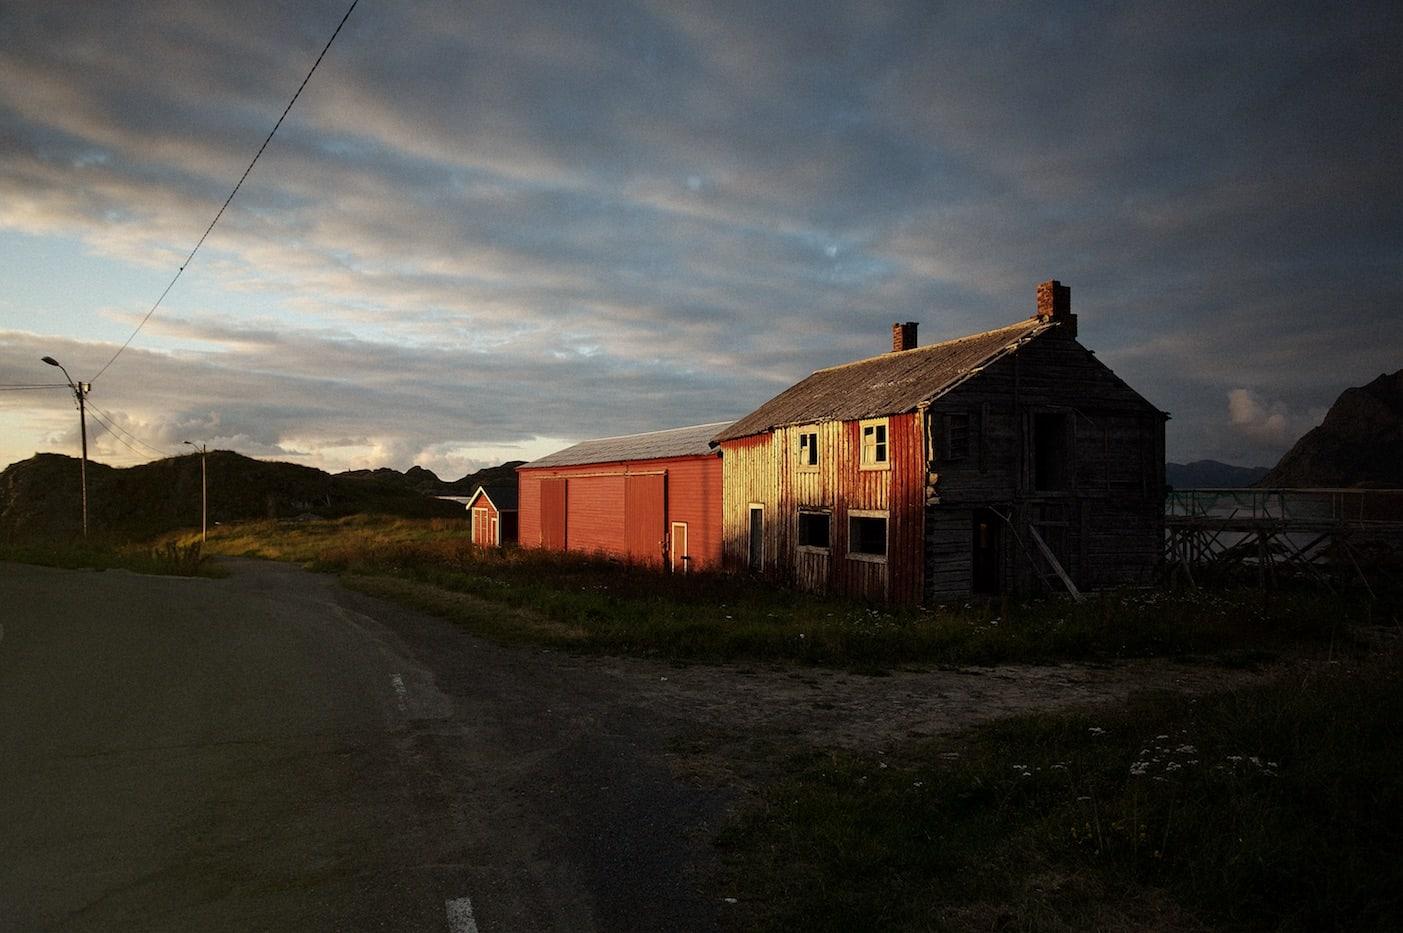 FORLATT: Det er lenge siden noen bodde i de mange øde husene.